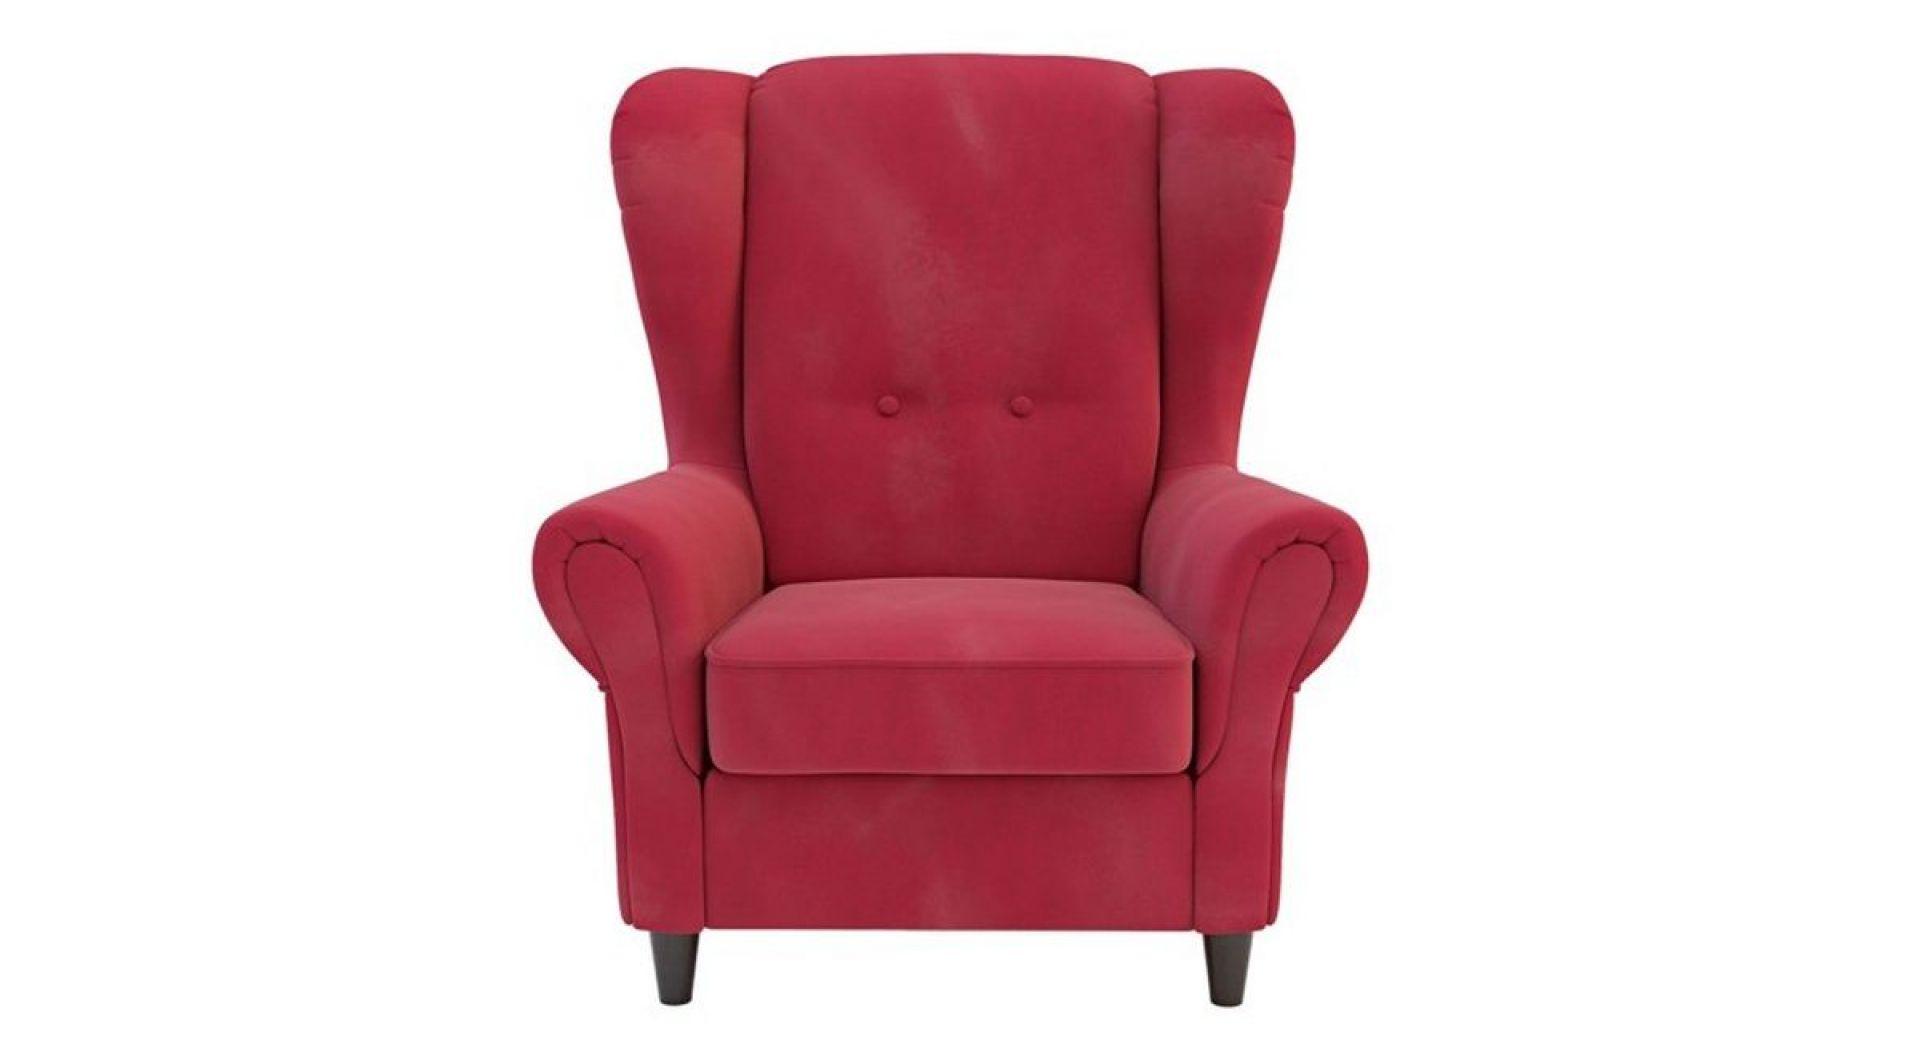 Dla kibiców, którzy dopingują w pojedynkę, dobrym rozwiązaniem będzie fotel. Na zdjęciu: fotel King. Fot. Salony Agata